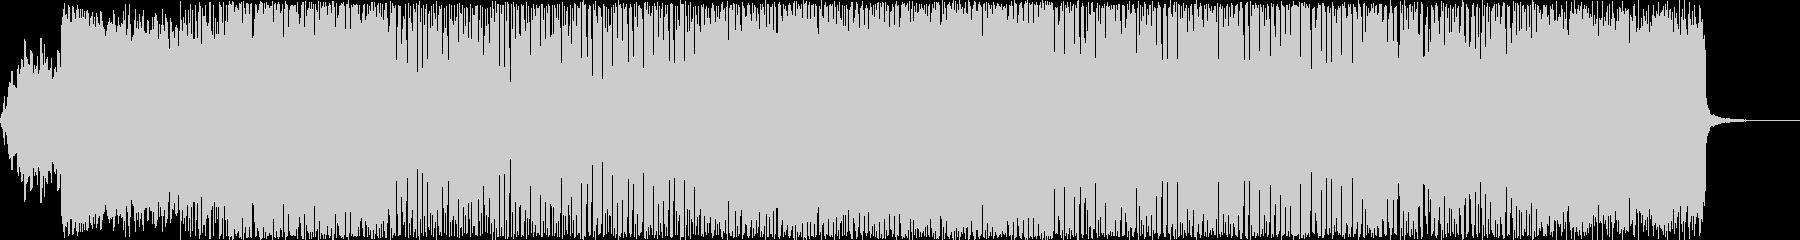 現代的なサウンドでエネグリーを必要...の未再生の波形